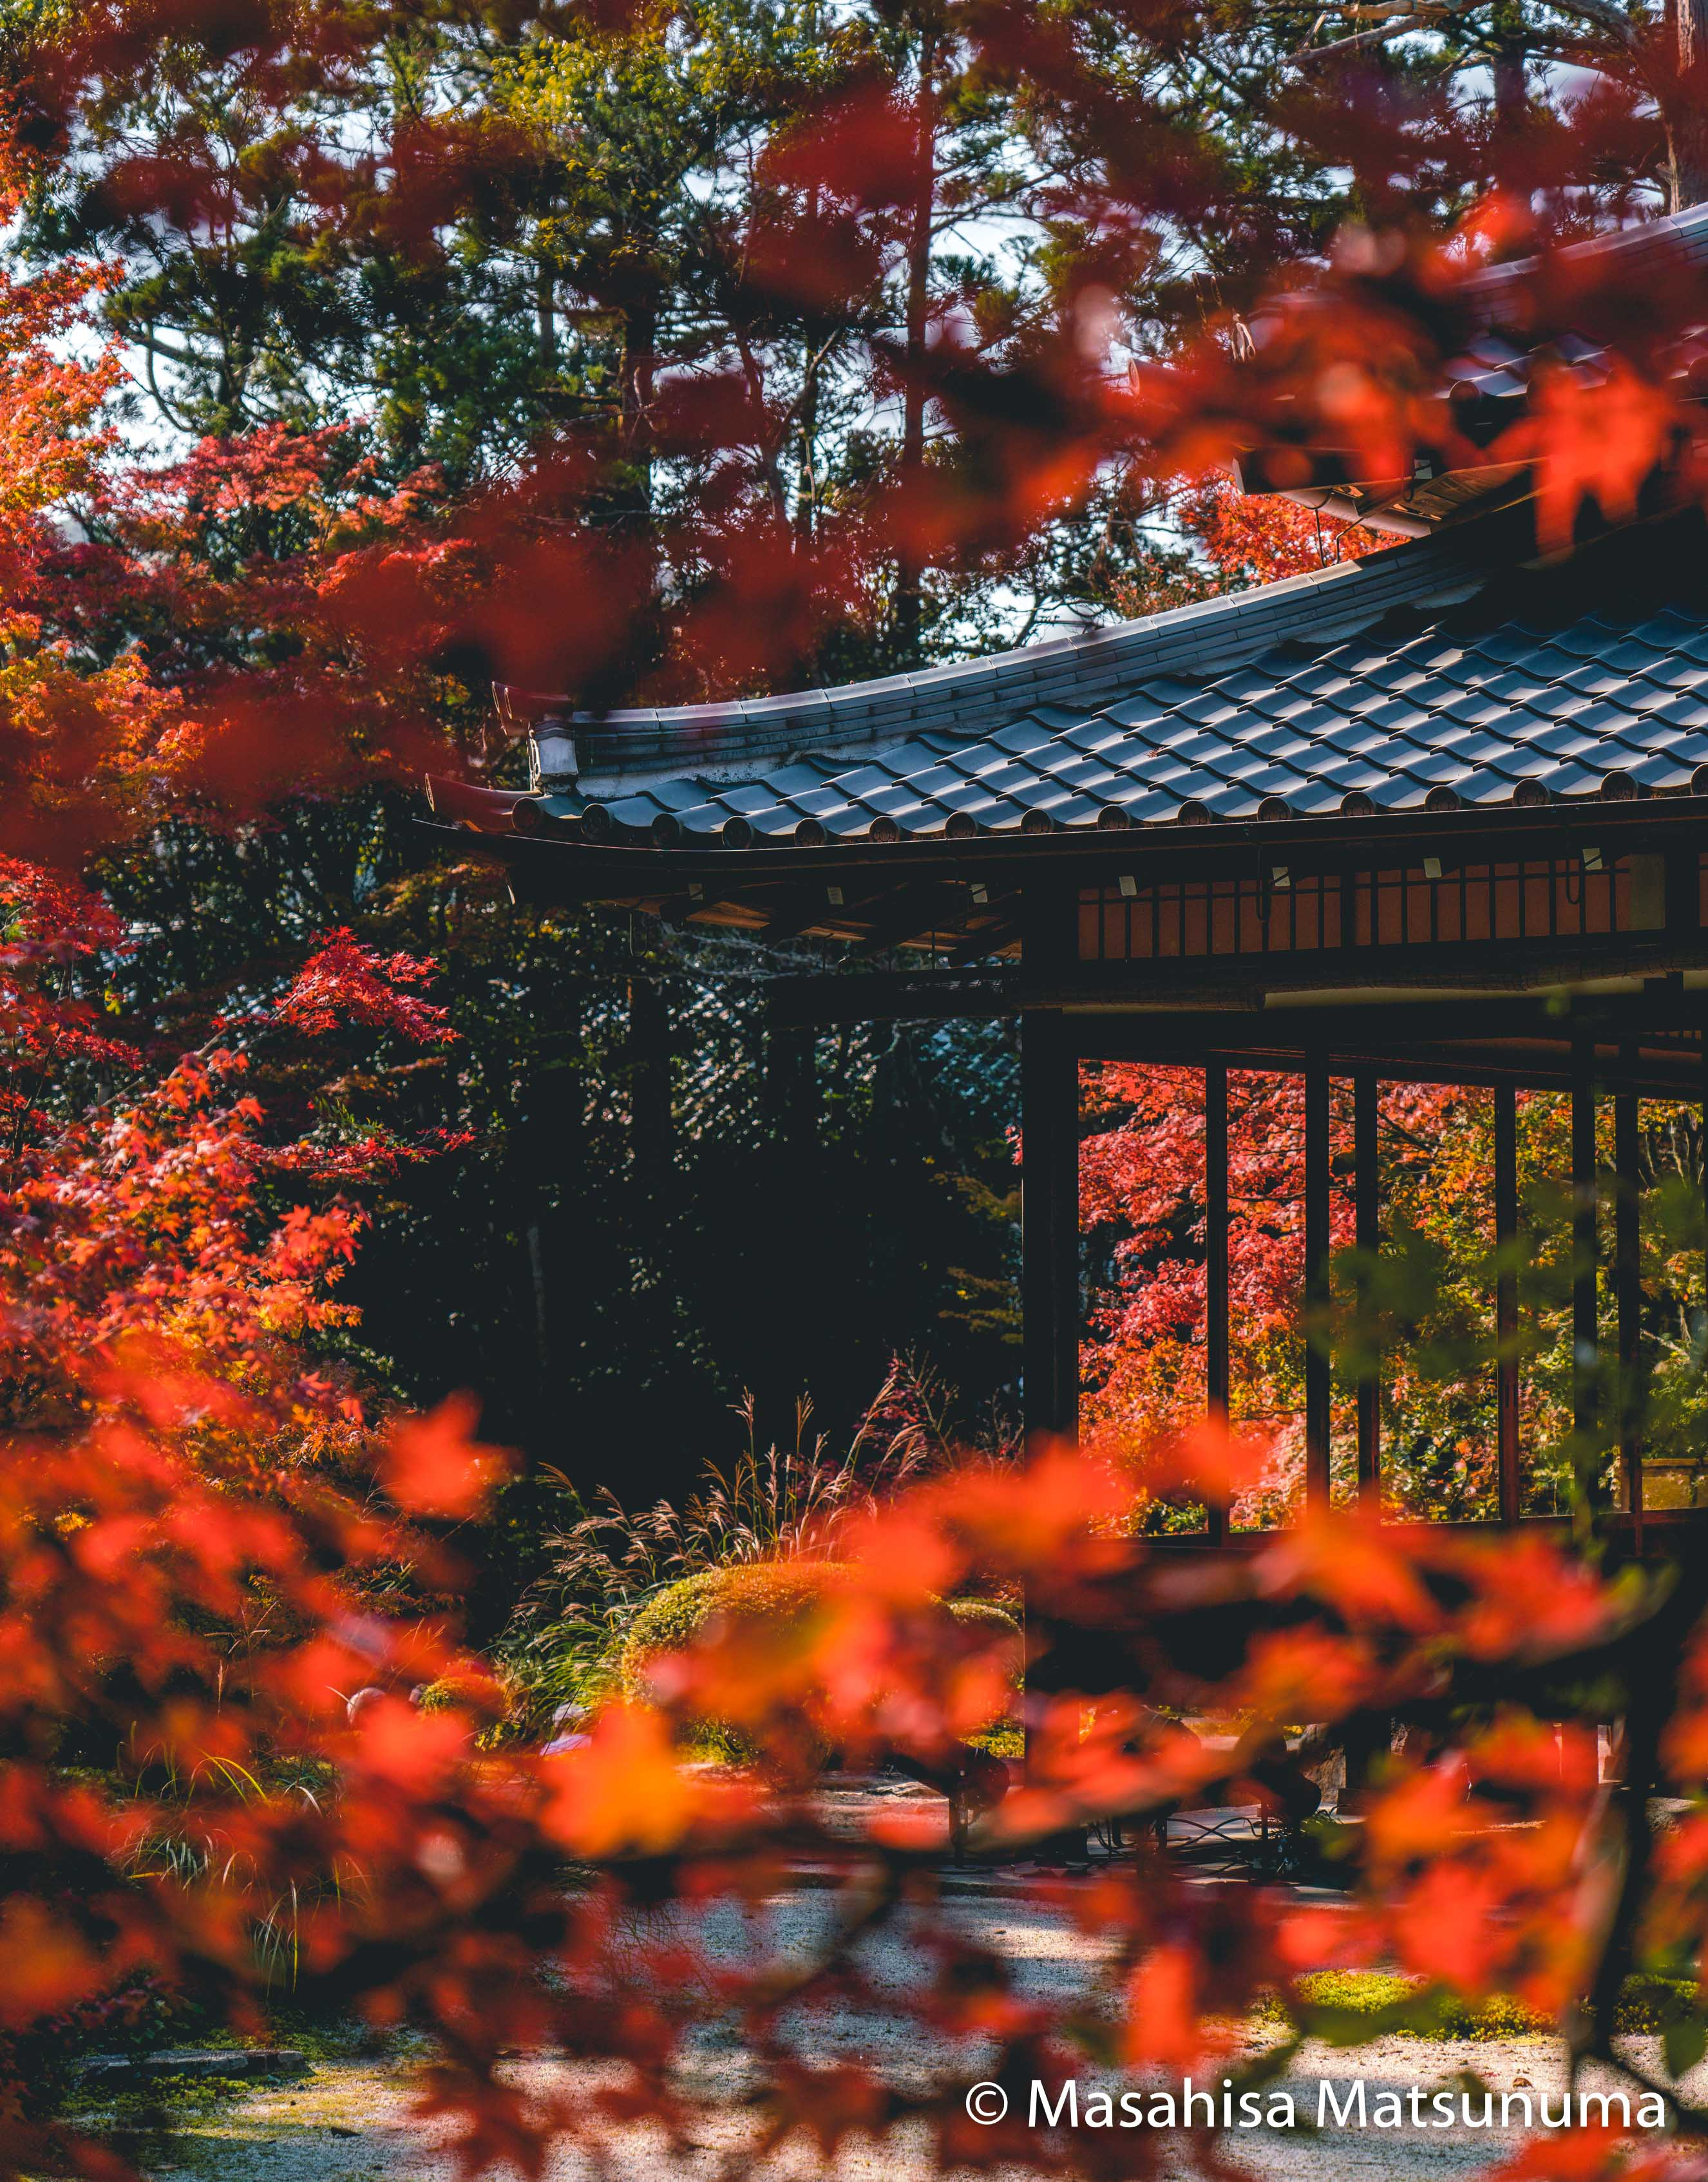 Tenju-an 天授庵